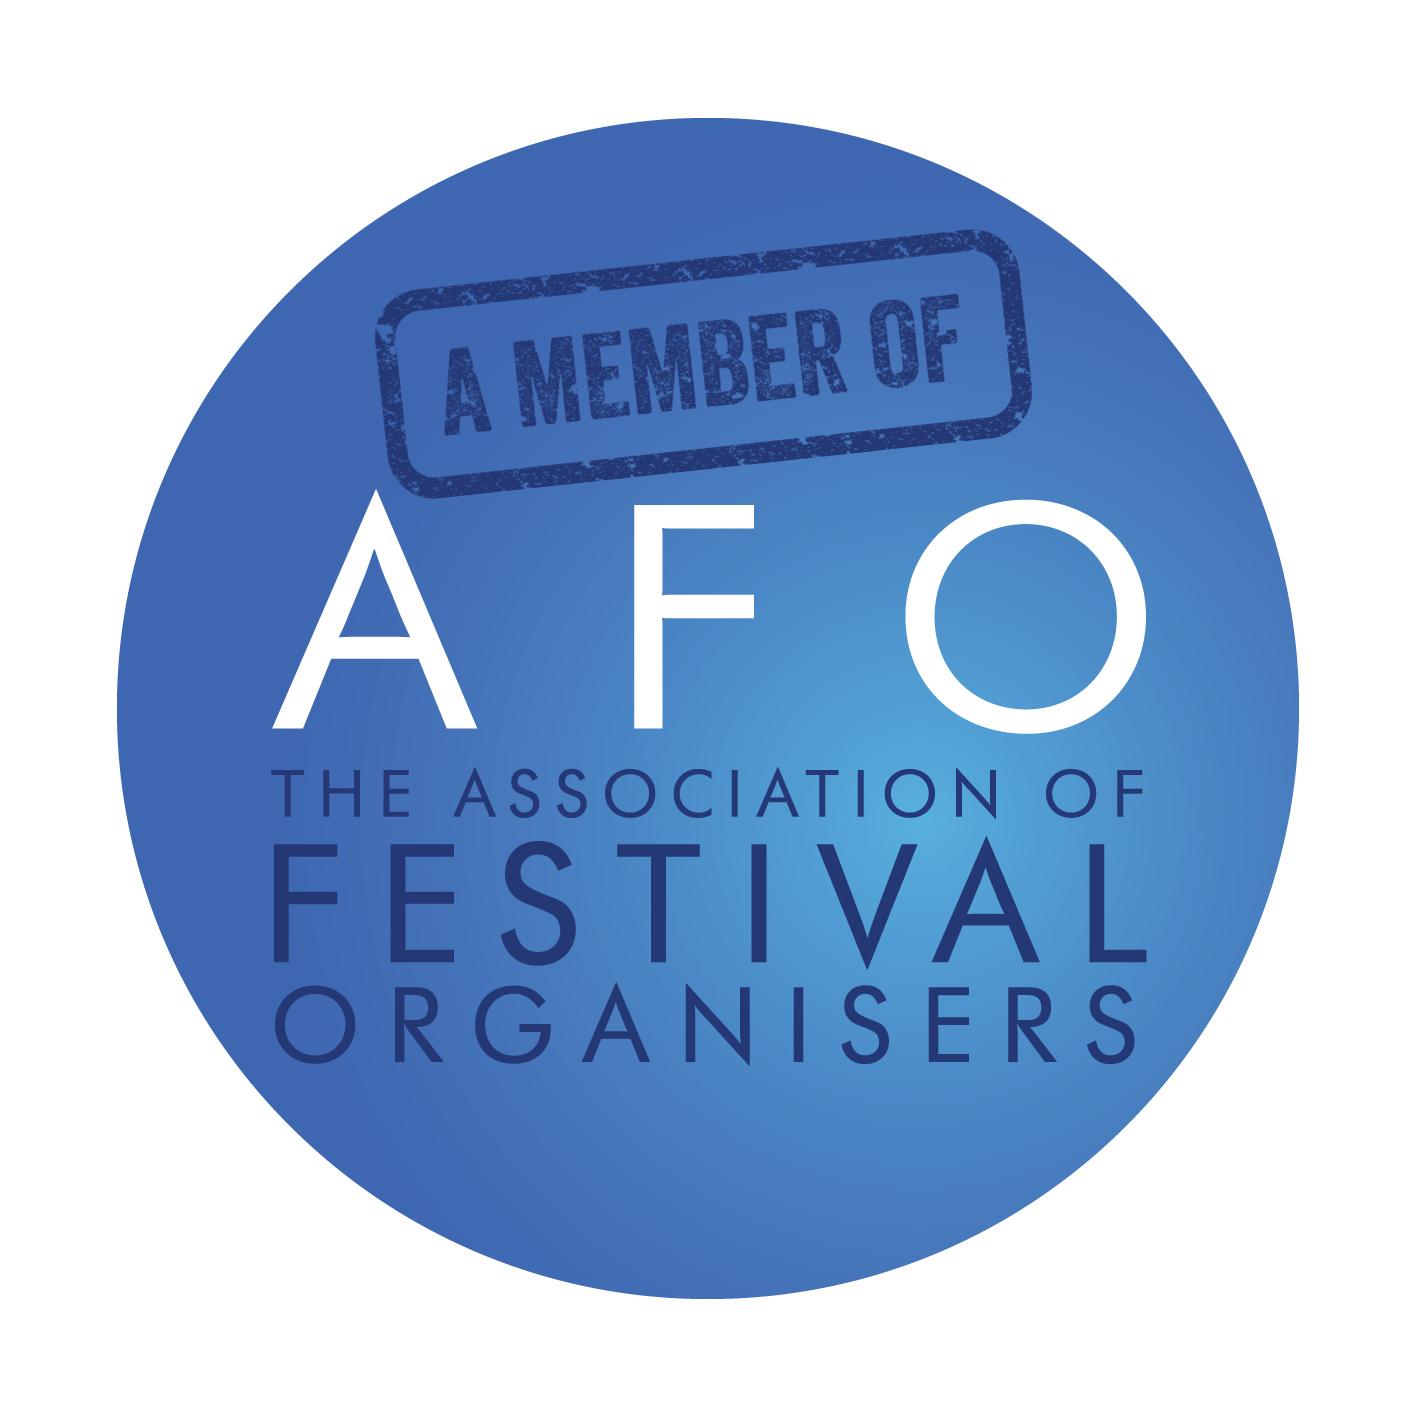 3-afo_member_of_logo